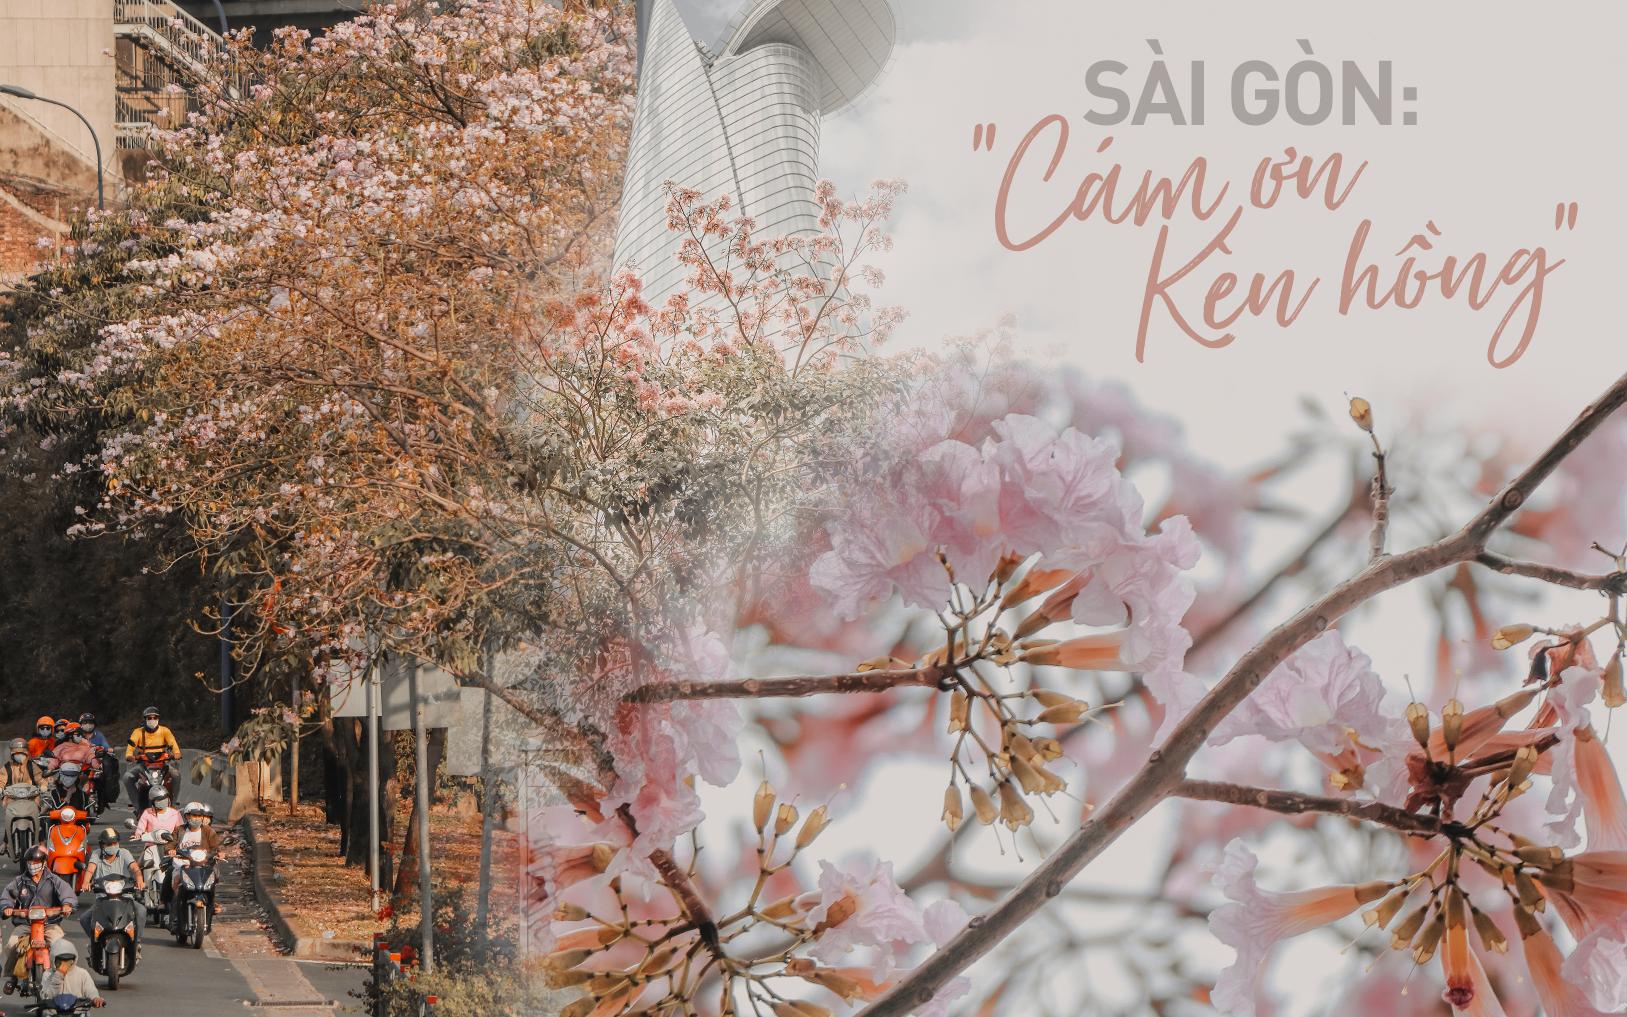 Chùm ảnh: Sài Gòn trở nên khác lạ khi hoa Kèn hồng vào mùa nở rộ, nhưng lạ thay đến hơn một nửa người Sài Gòn chẳng biết đến sự tồn tại của loài hoa này? - Ảnh 1.